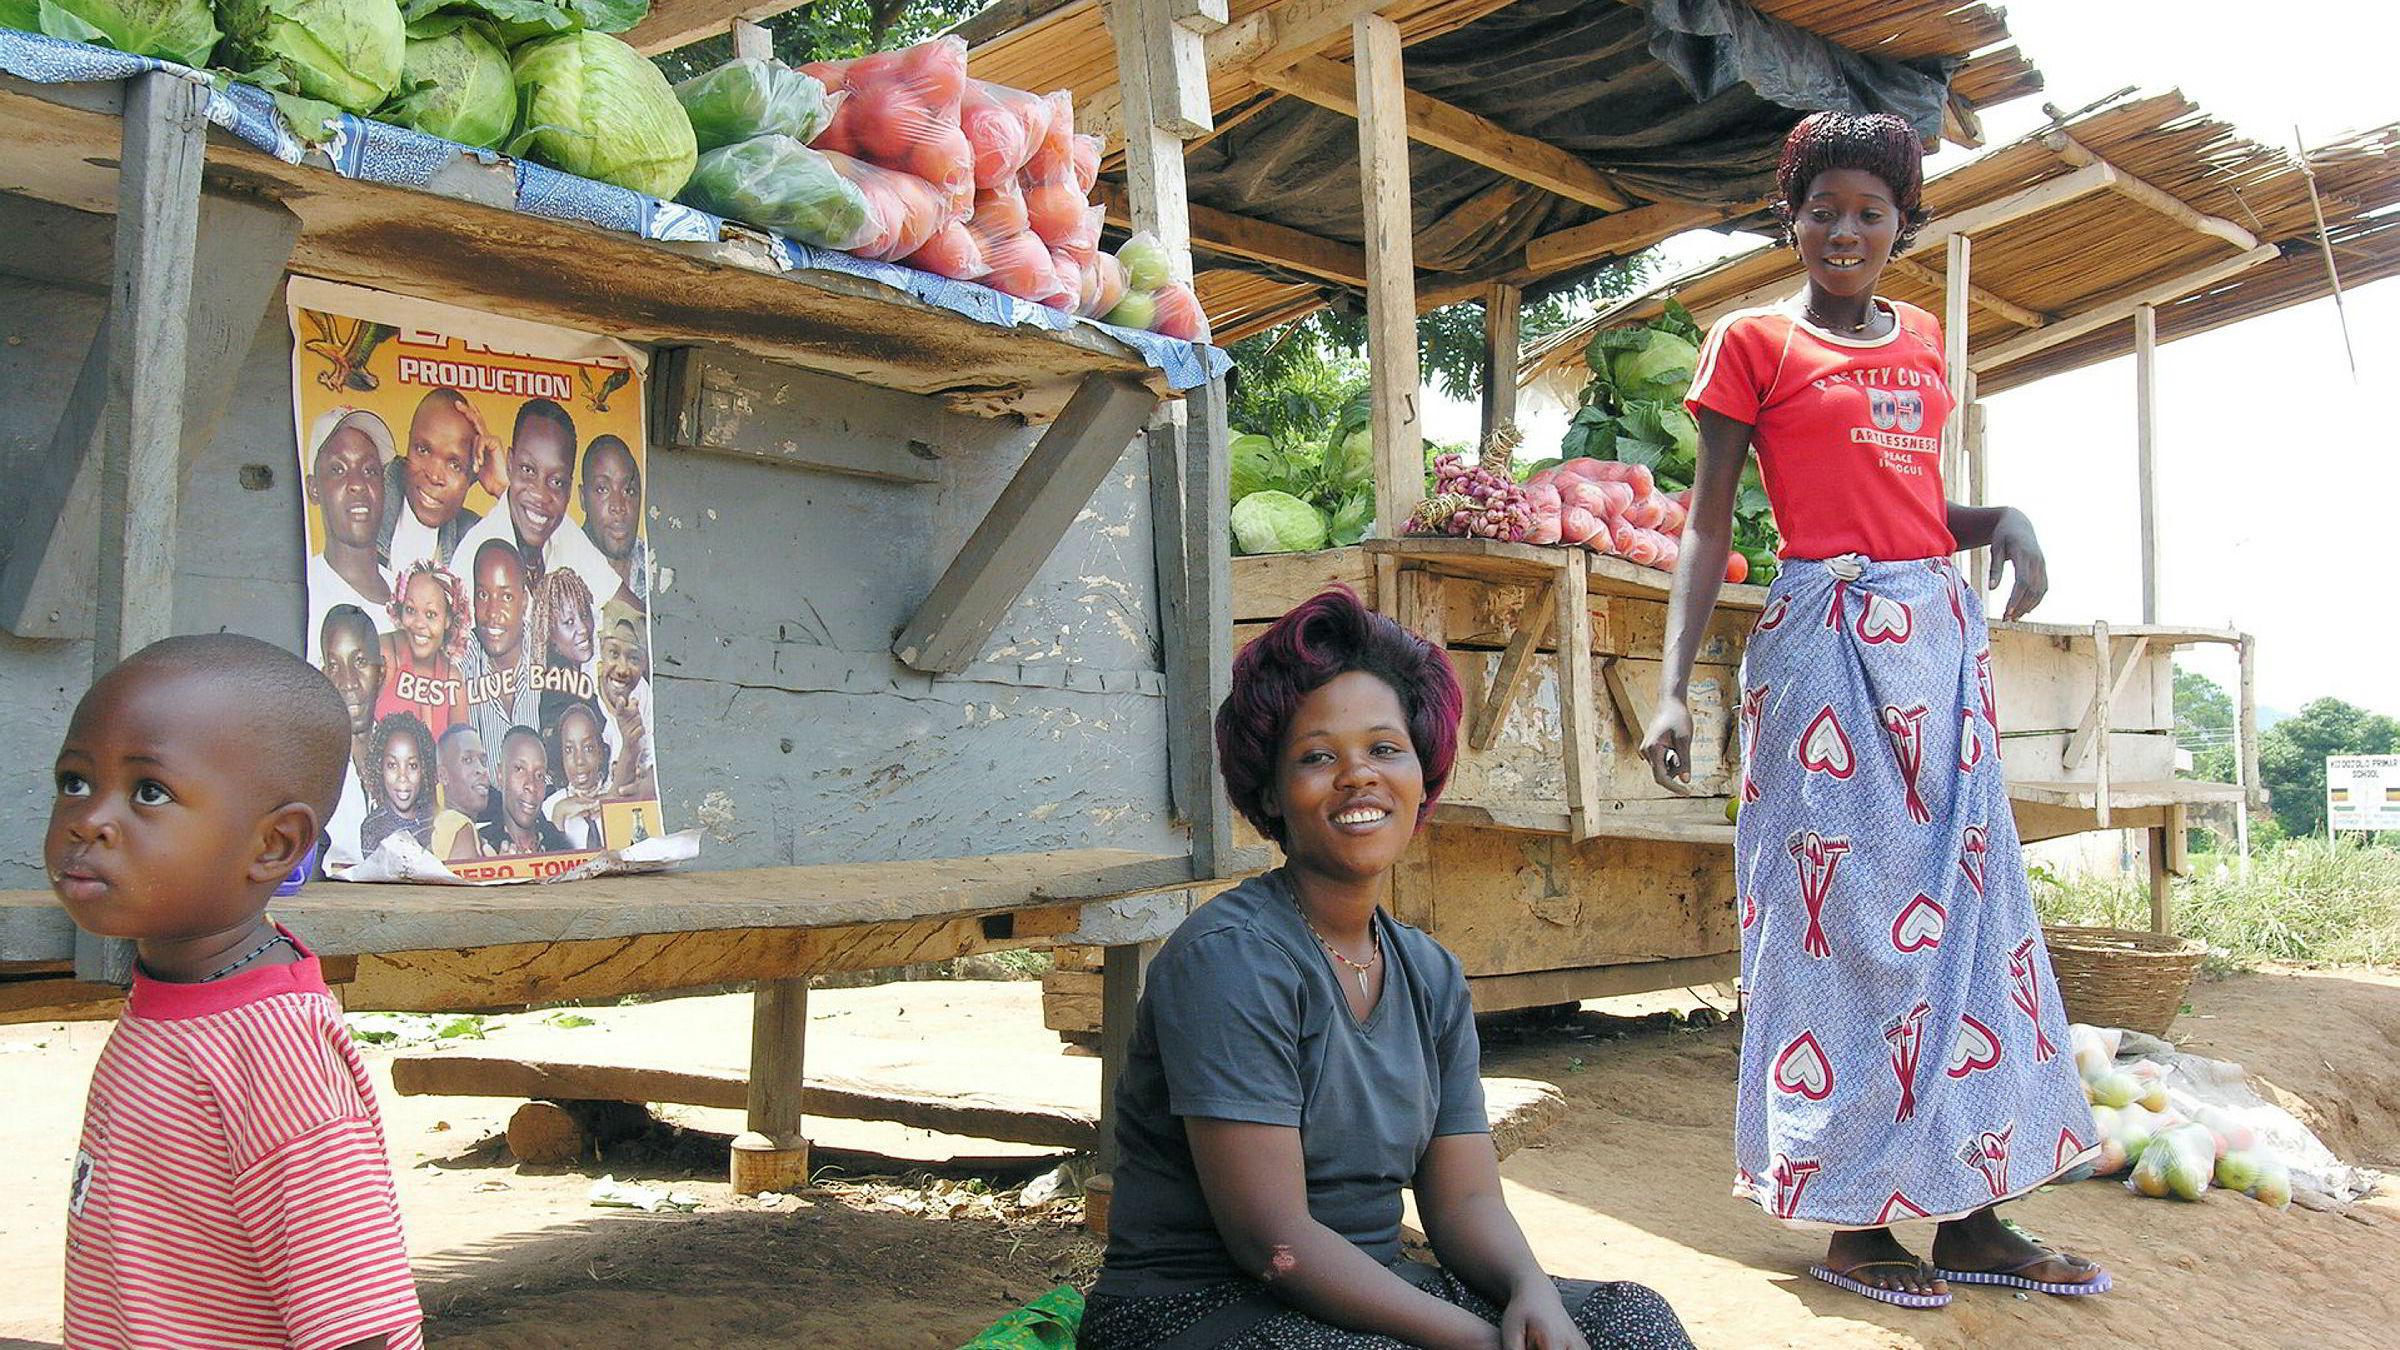 Norfund er medeier iEquity Bank i Kenya og DFCU i Uganda, som aktivt fremmer kvinnelige entreprenører gjennom egne programmer, sier forfatteren. Her fra Uganda.